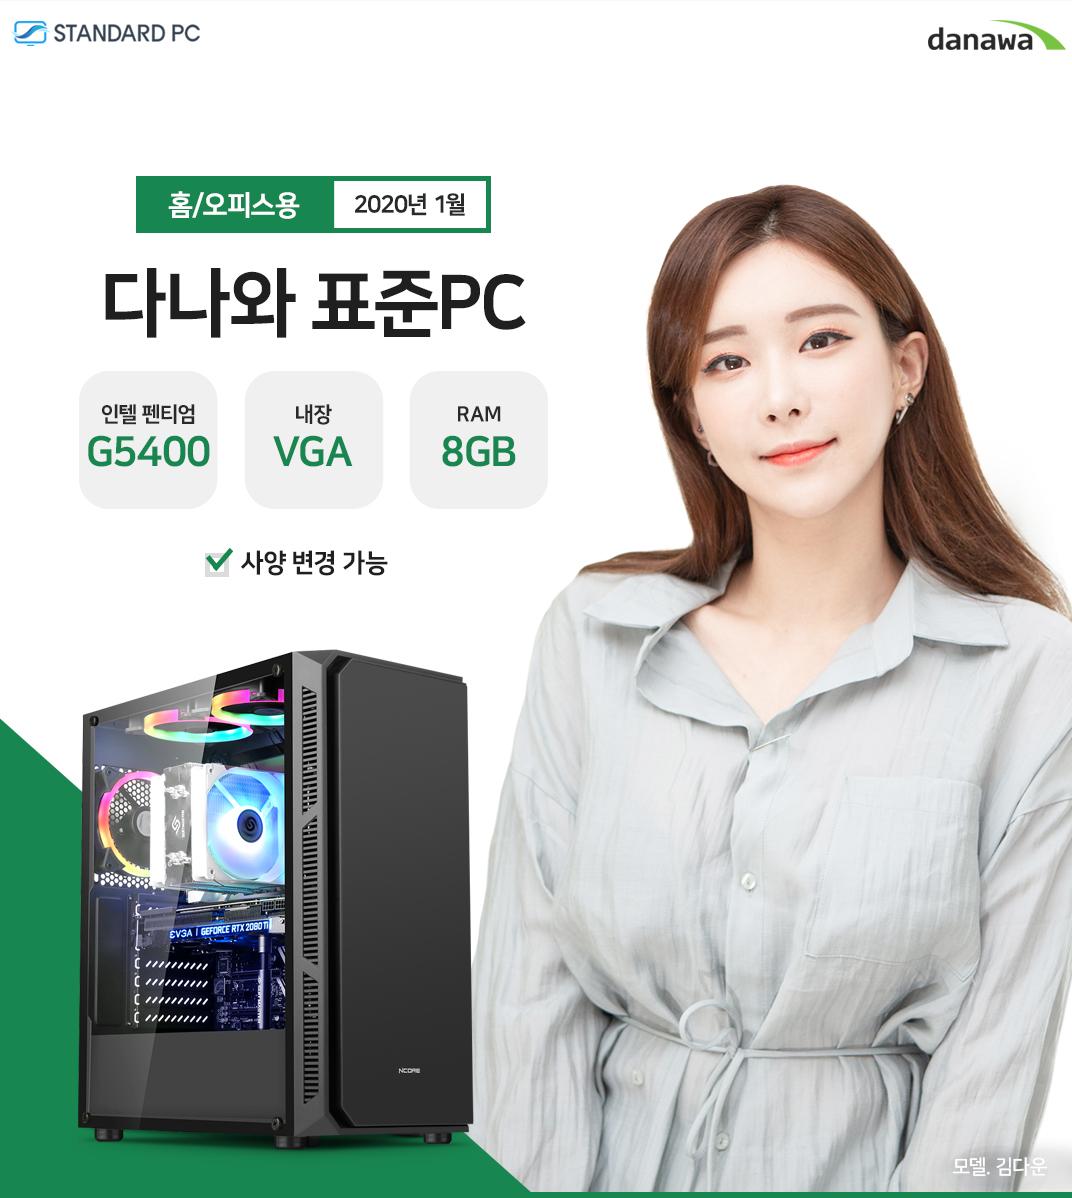 2020년 01월 다나와 표준PC 홈/오피스용 인텔 팬티엄 G5400 내장 VGA RAM 8G 모델 김다운